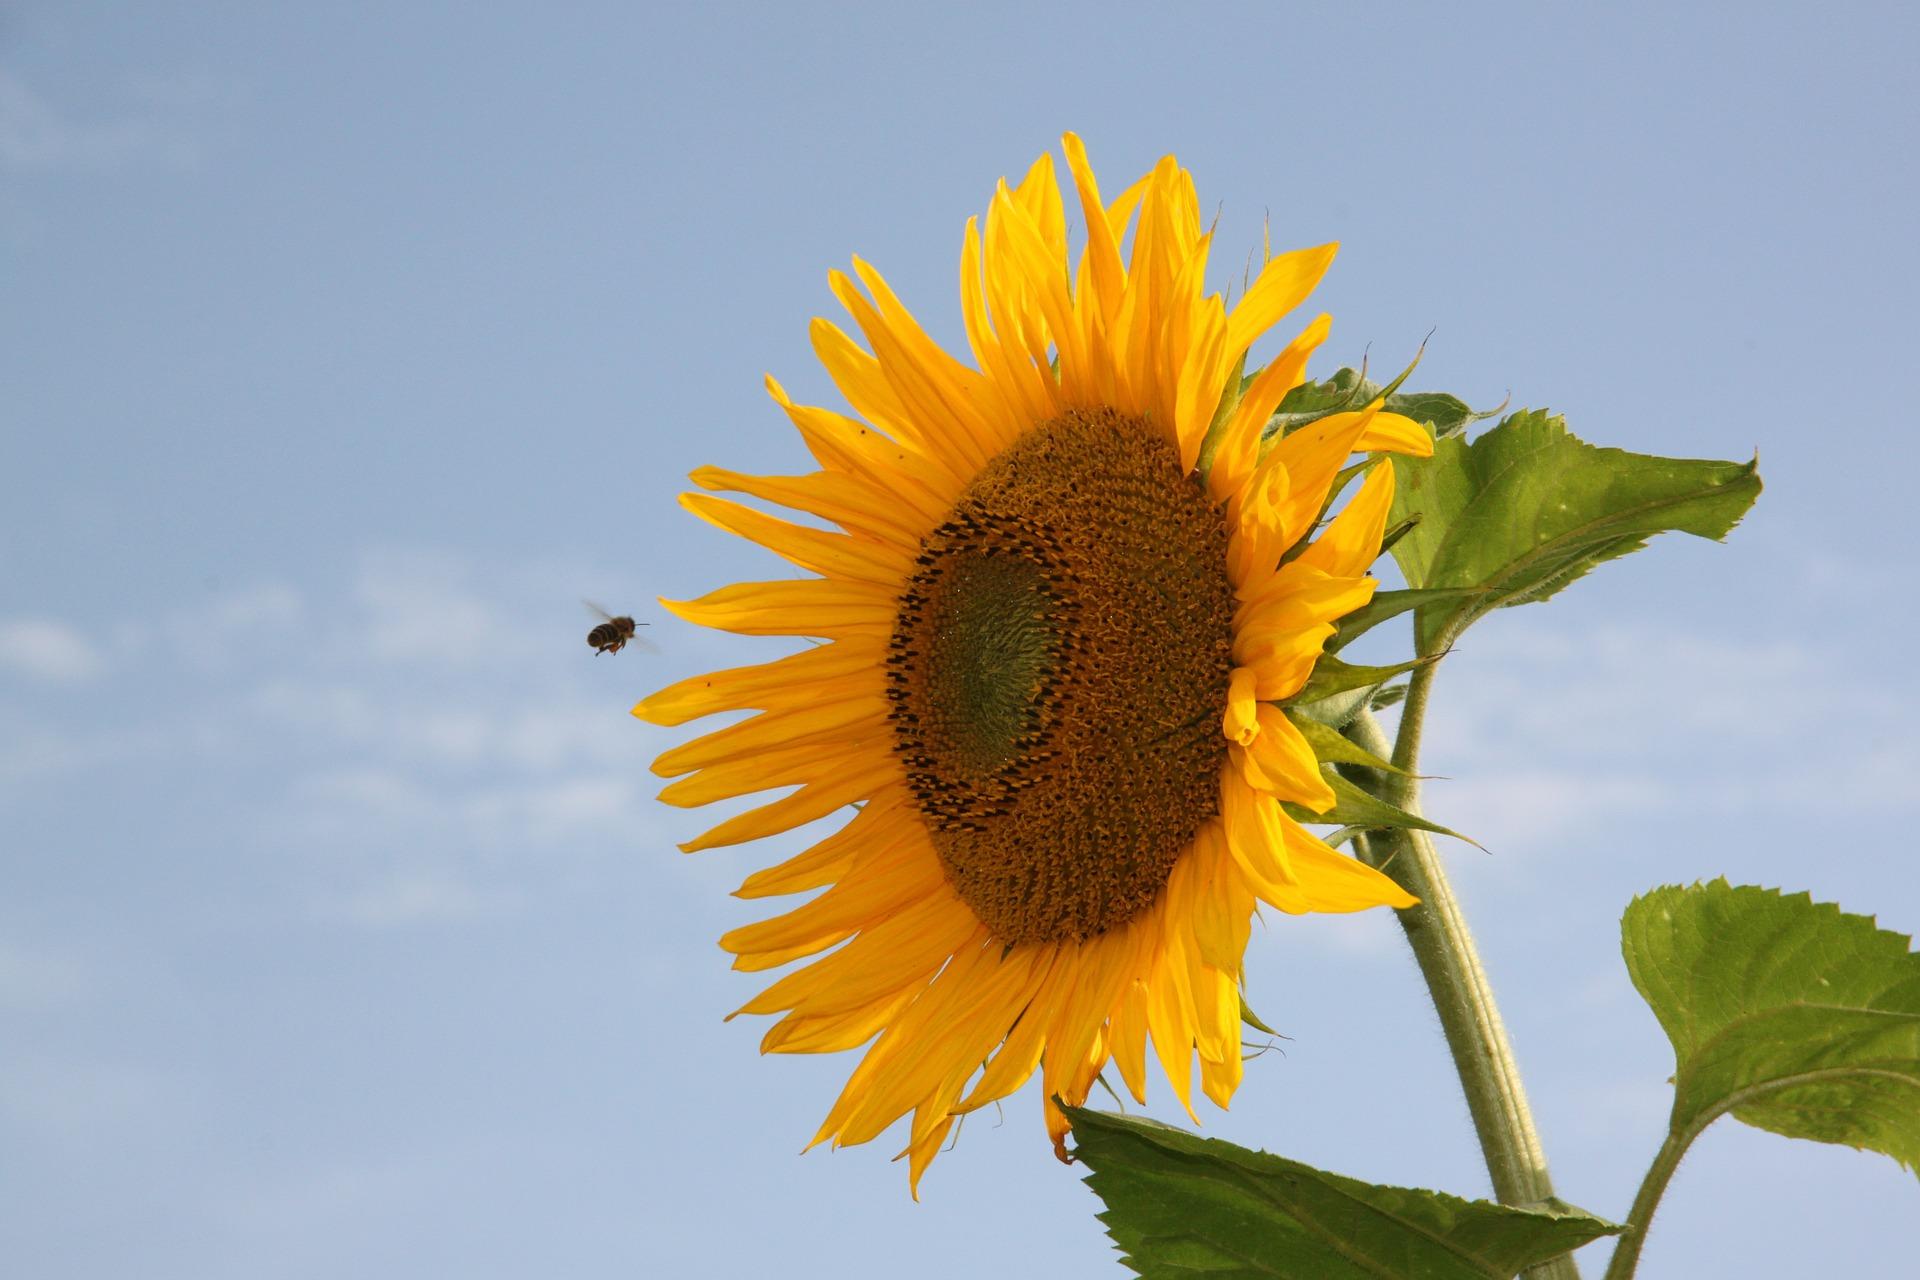 向日葵, 蜜蜂, 花粉, 夏季, 天空 - 高清壁纸 - 教授-falken.com